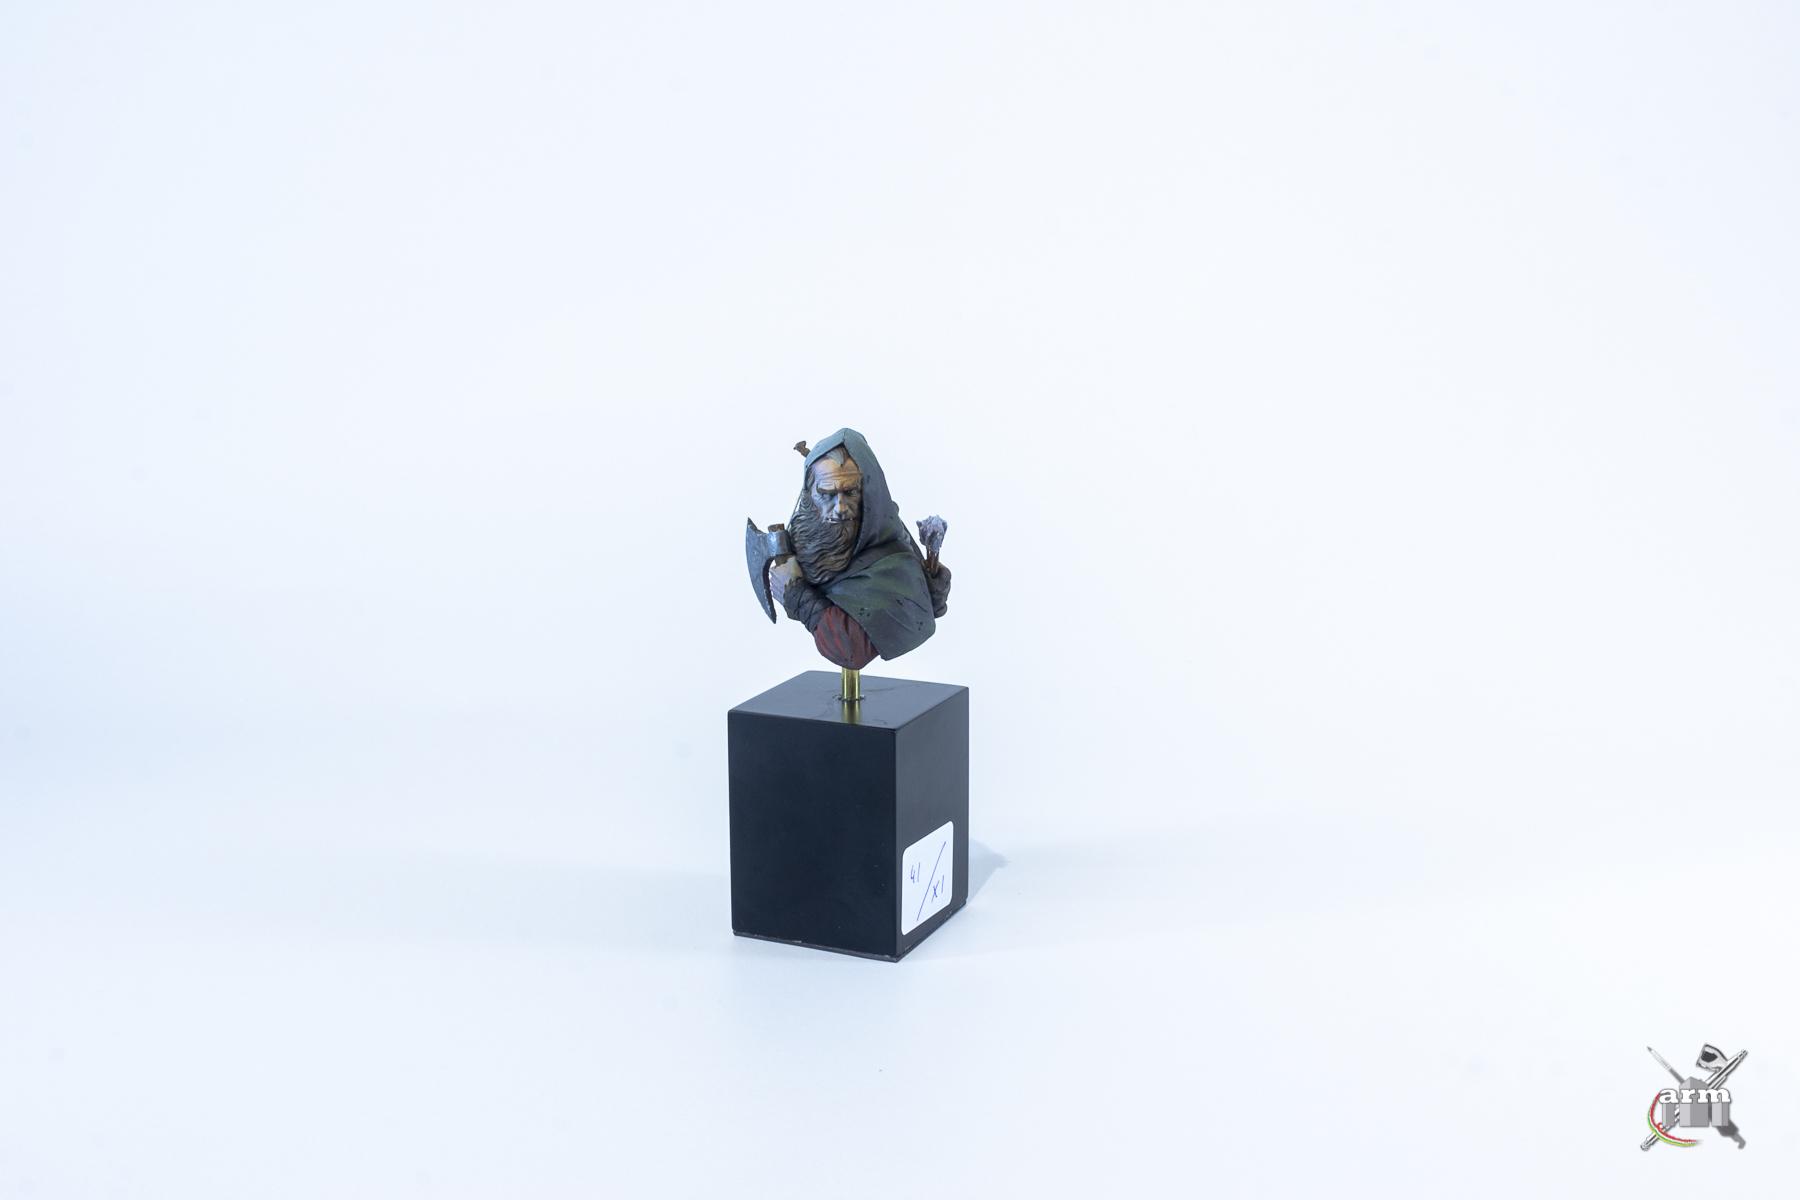 ARM18-014